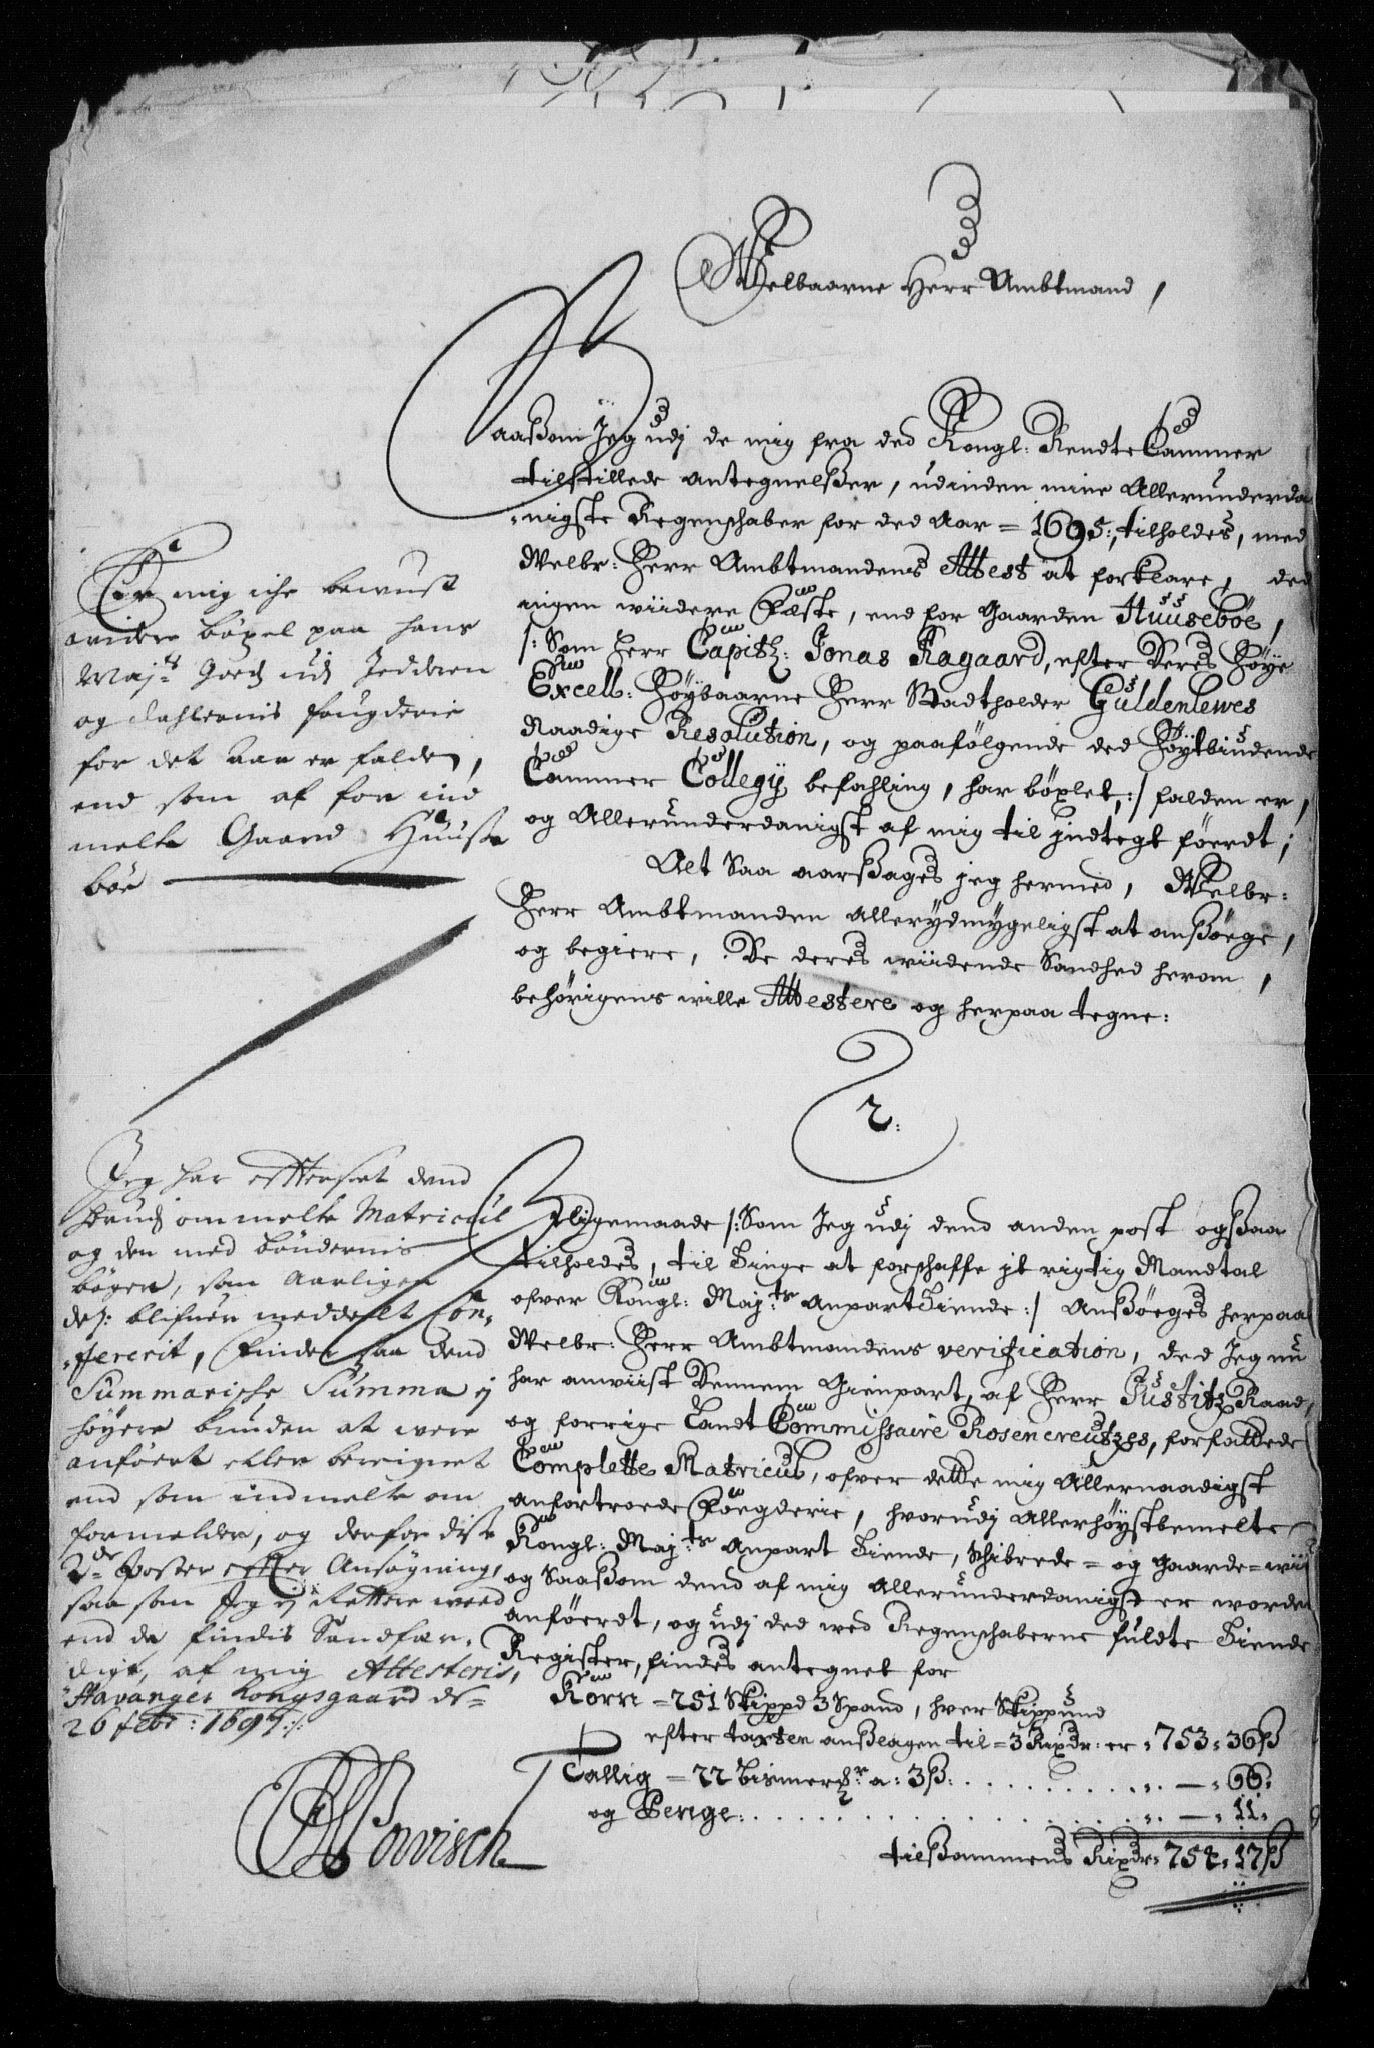 RA, Rentekammeret inntil 1814, Reviderte regnskaper, Fogderegnskap, R46/L2728: Fogderegnskap Jæren og Dalane, 1694-1696, s. 374